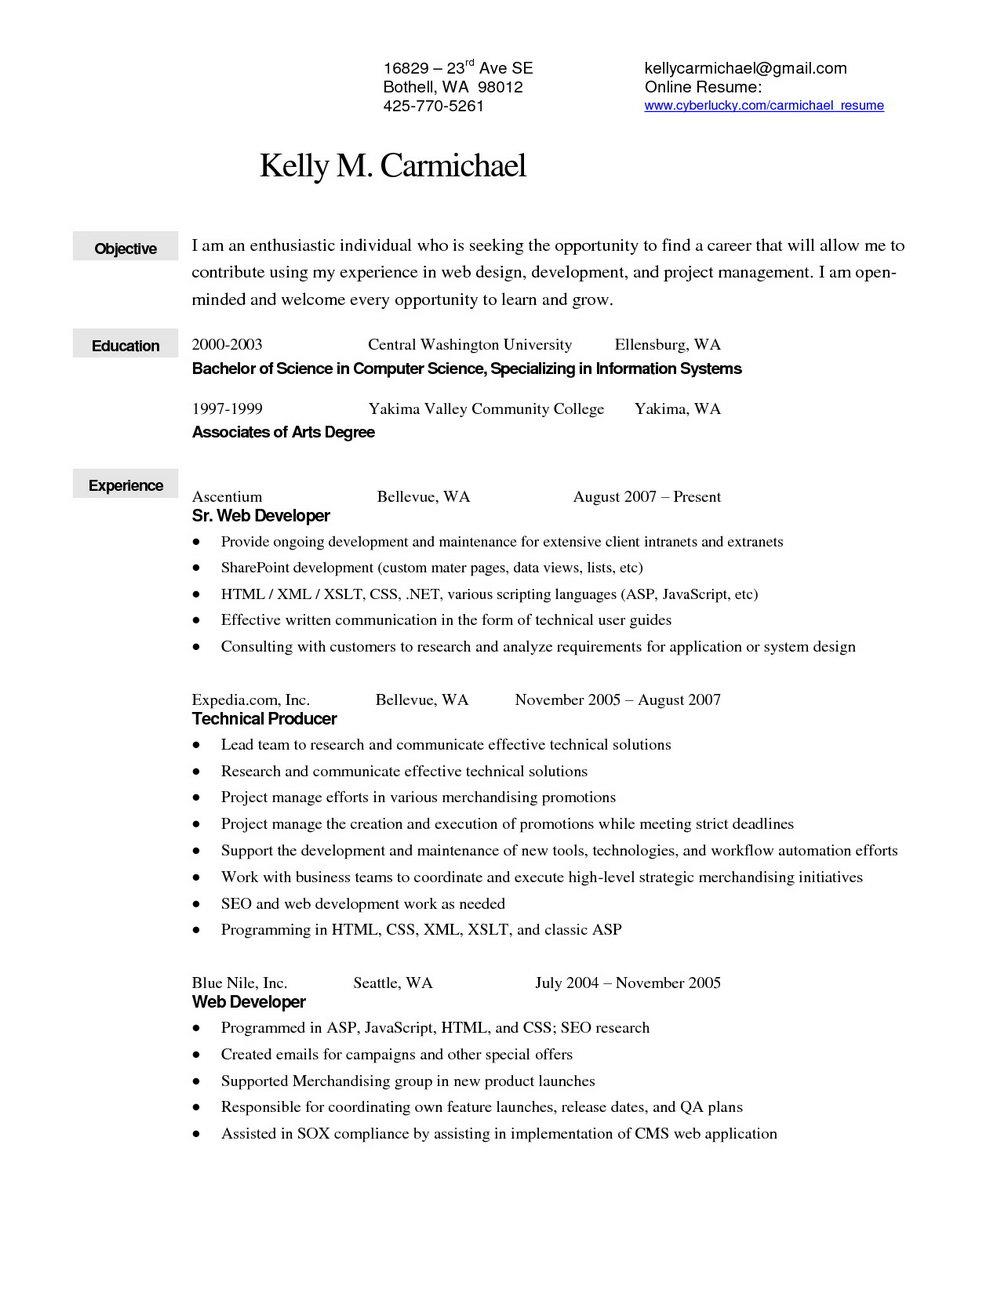 Sample Resume For Retail Merchandiser